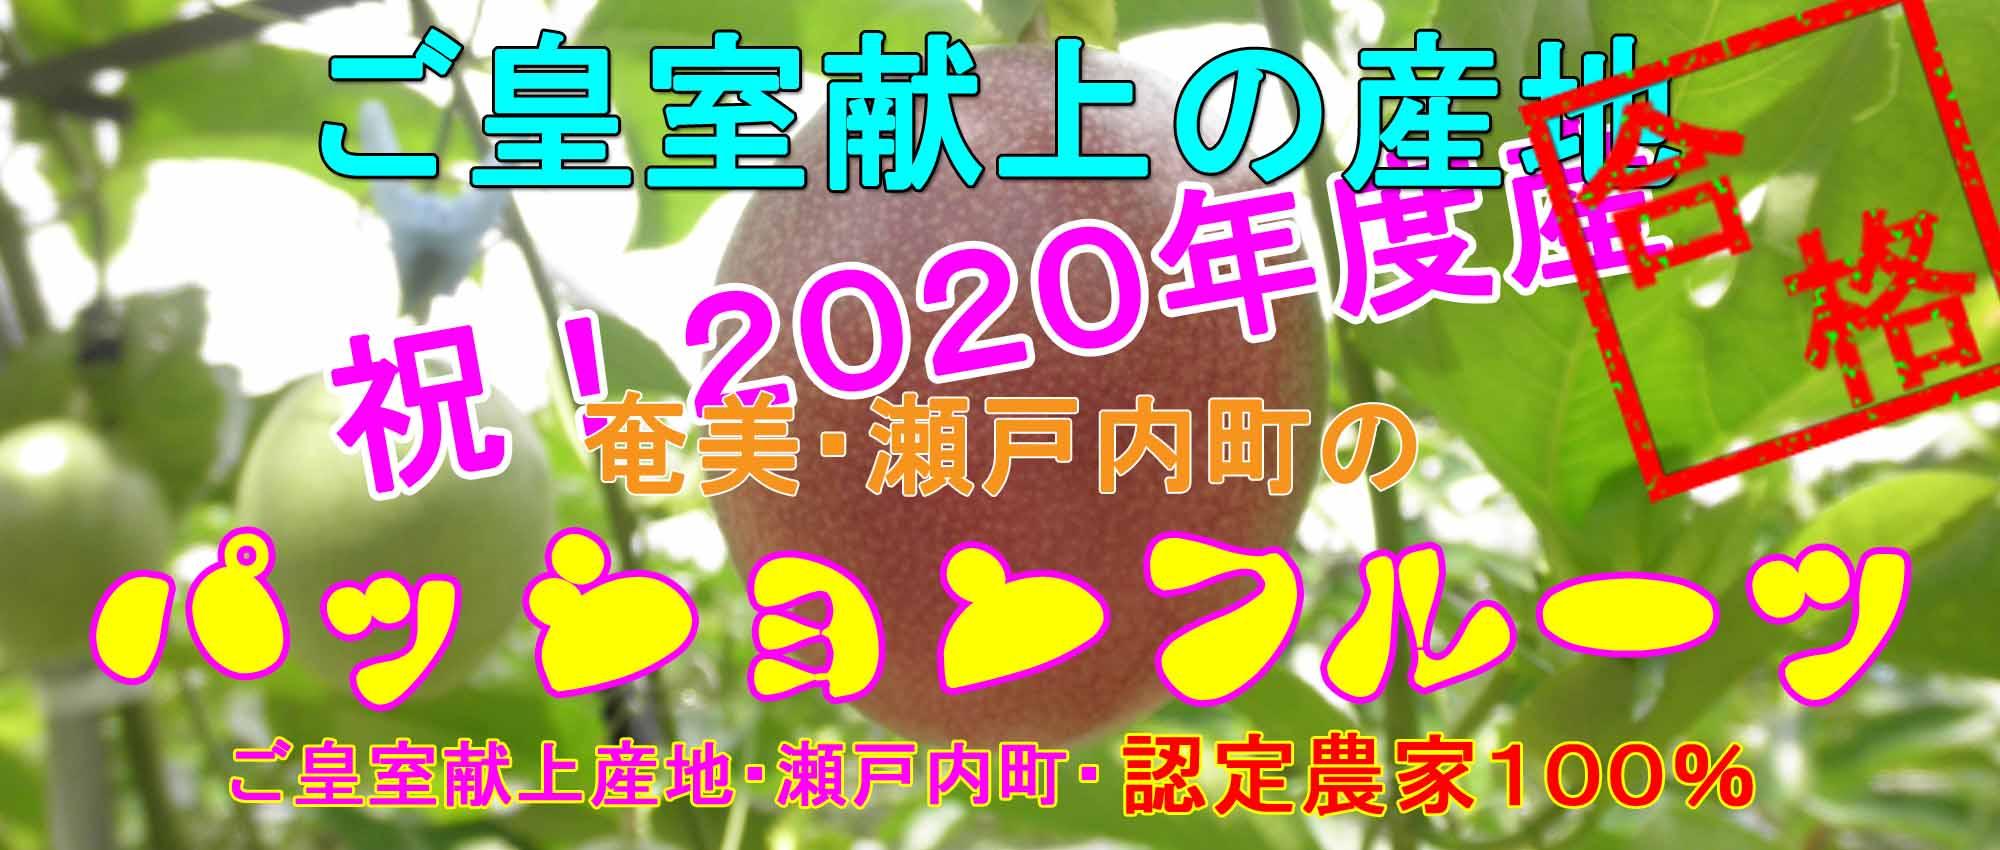 2020年度産パッションフルーツロゴ